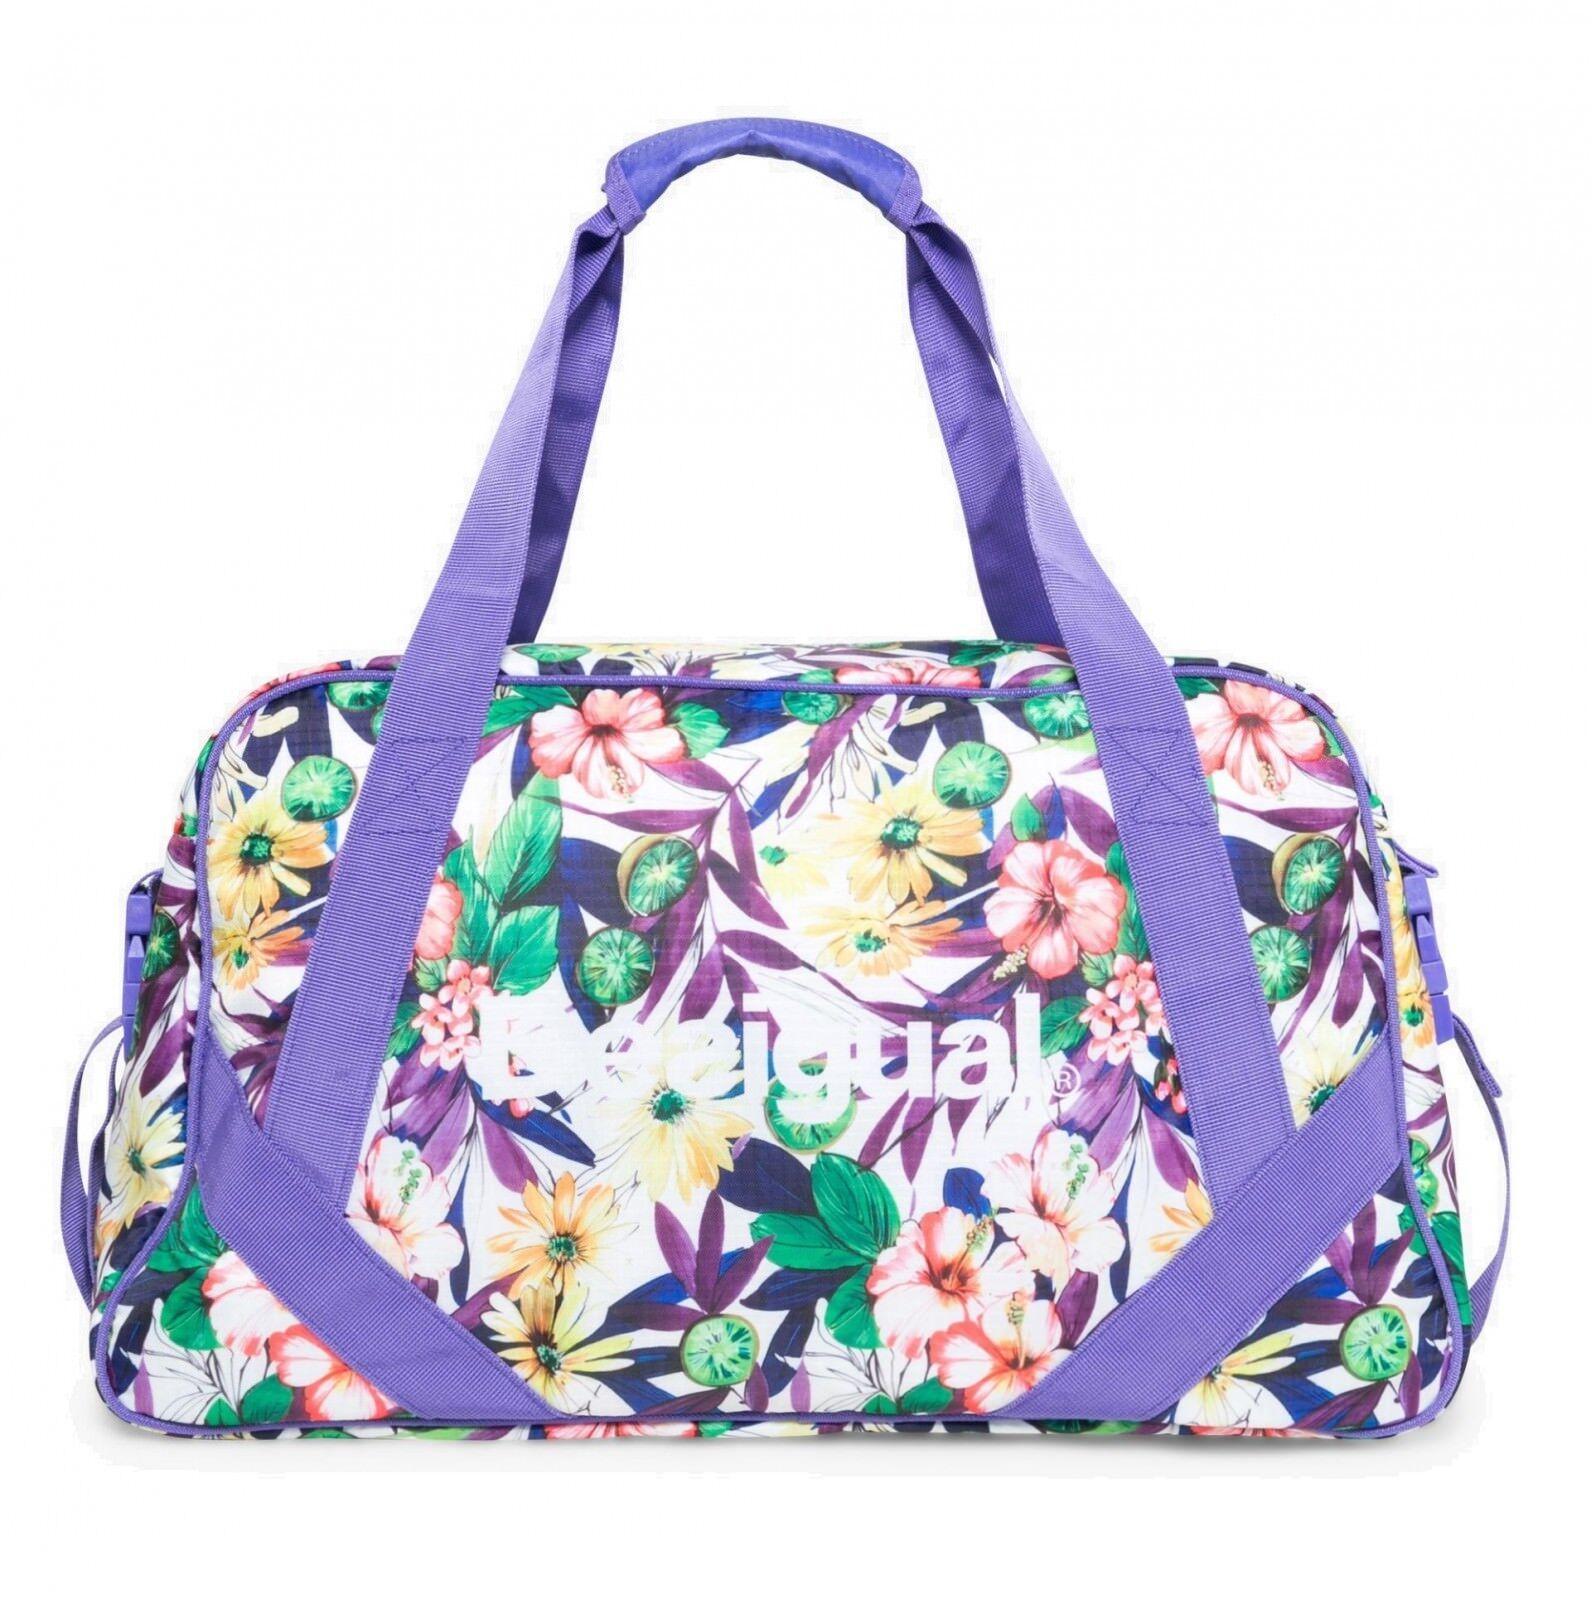 Desigual Bols L L L Bag G Reisetasche lilat Grün Mehrfarbig 6d7c0e